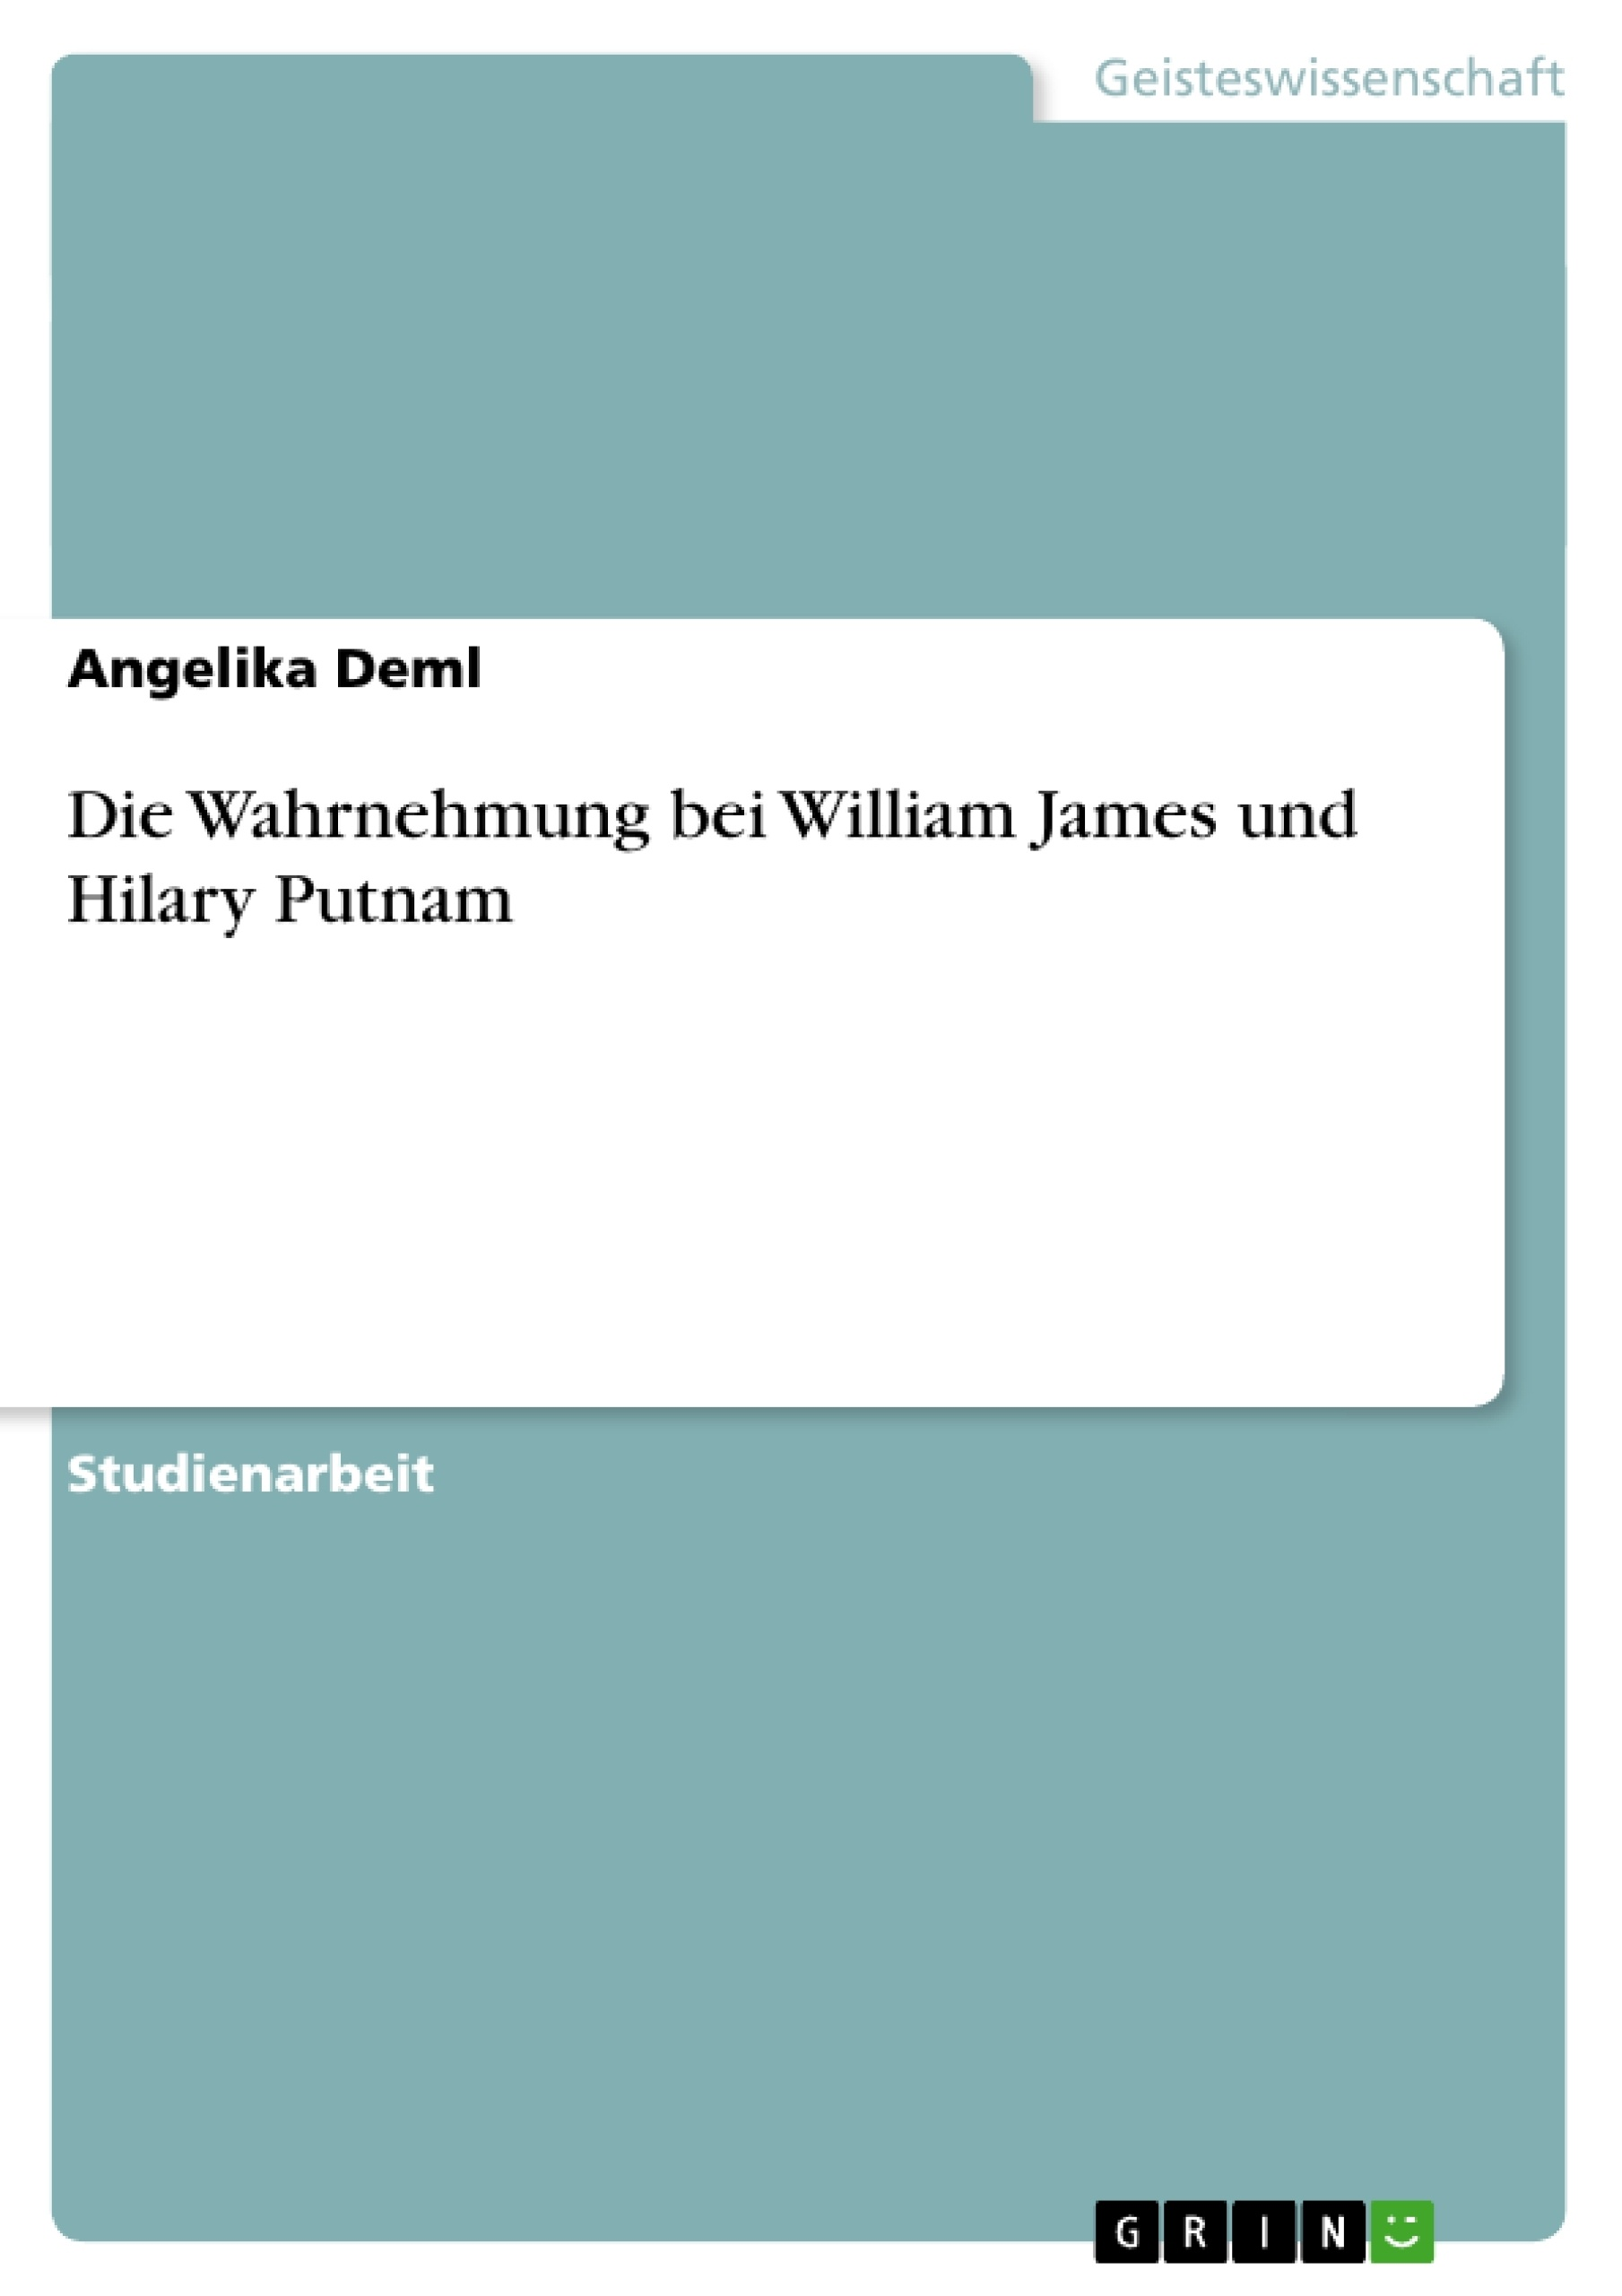 Titel: Die Wahrnehmung bei William James und Hilary Putnam